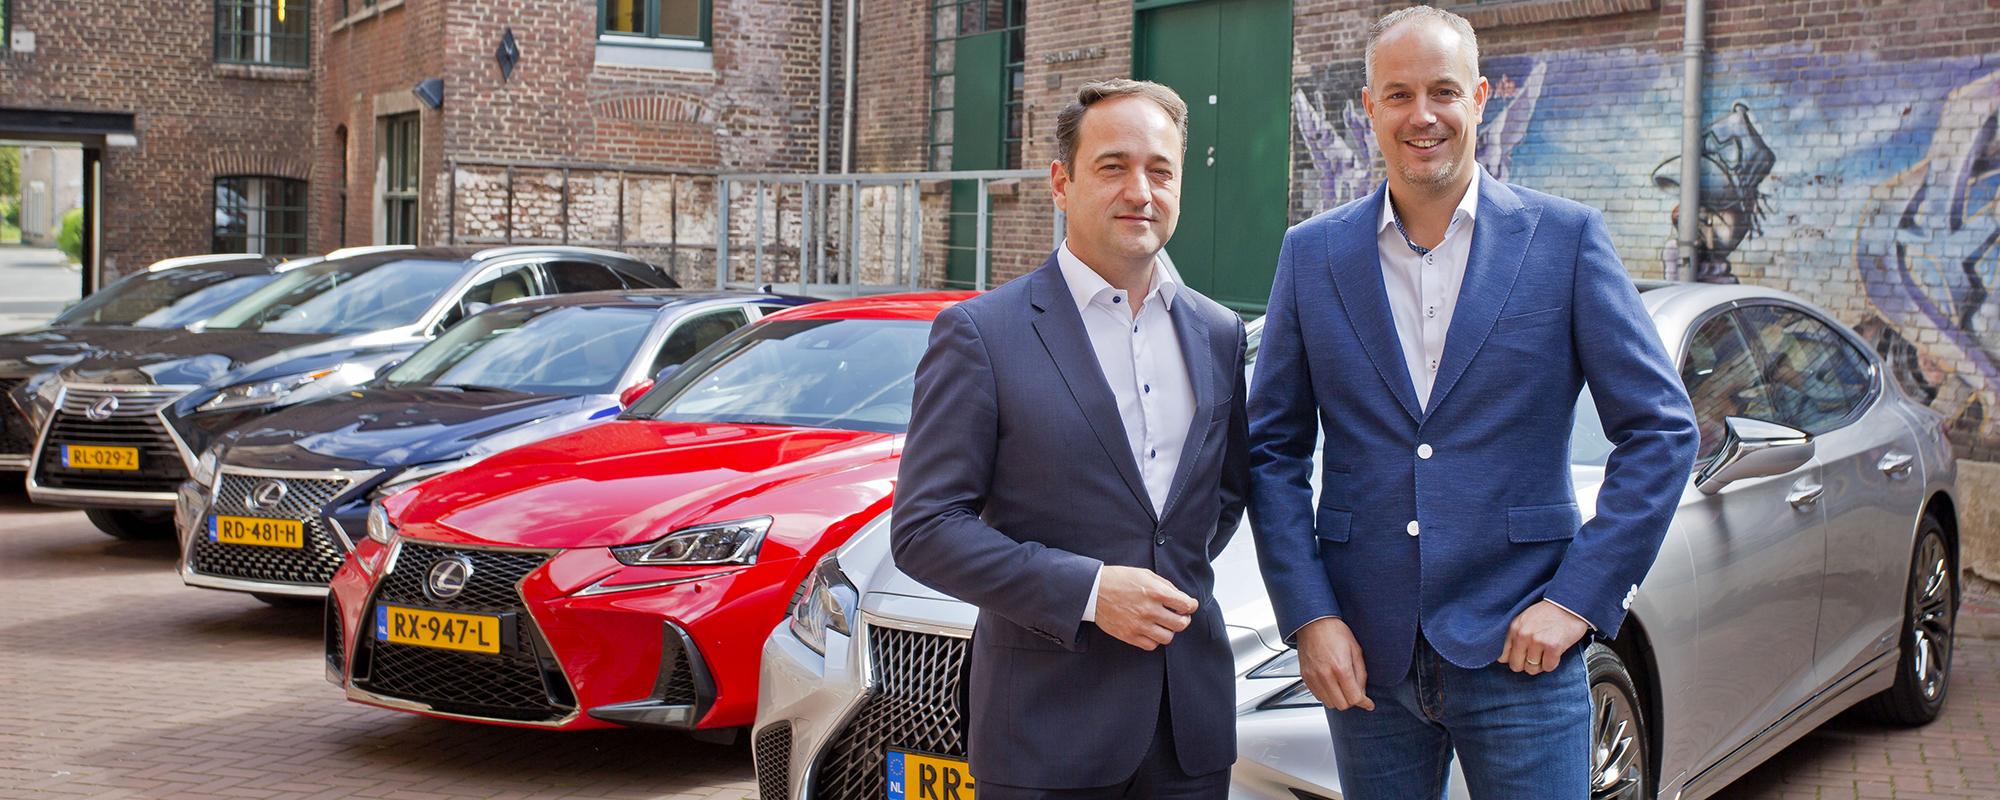 Lexus en Jeunes Restaurateurs vinden elkaar in passie voor gastheerschap